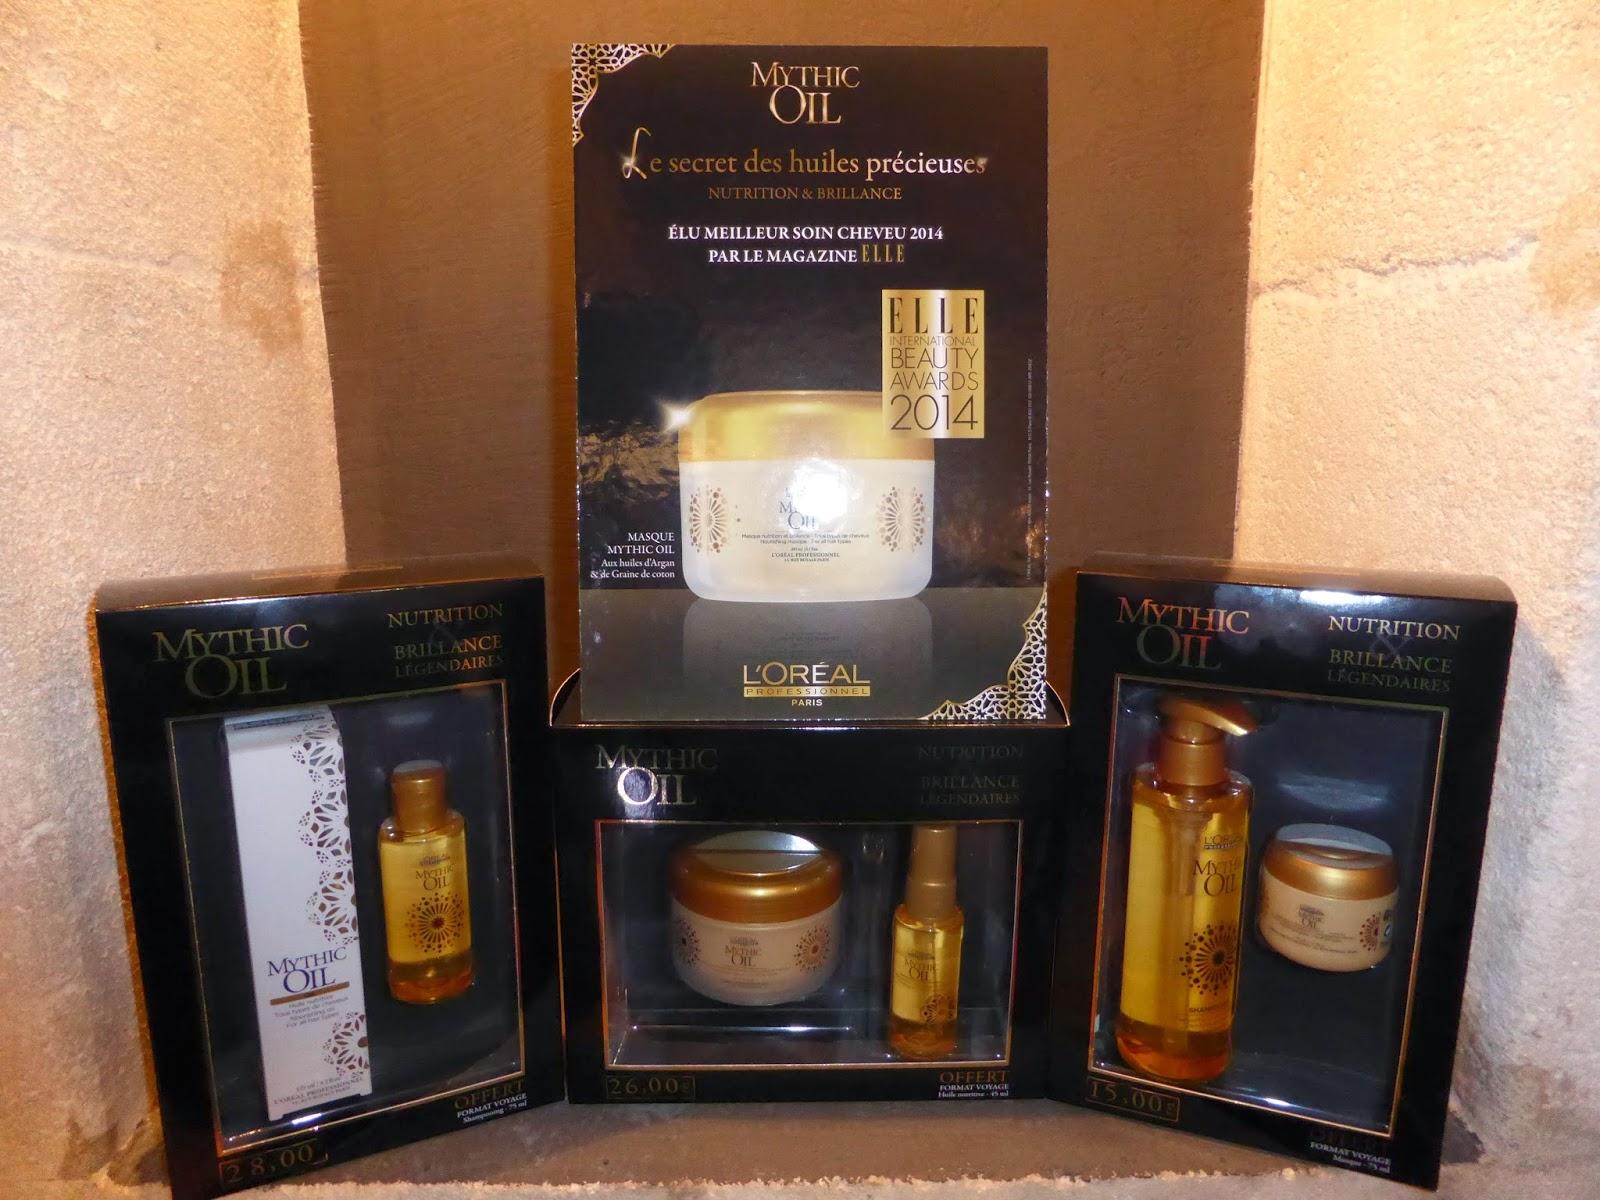 Présentation des 3 coffrets Mythic Oil de L'Oréal avec les formats voyages offerts,  pour fêter la sélection du masque nutritif Mythic Oil comme meilleur soin cheveu 2014 par le magazine Elle.